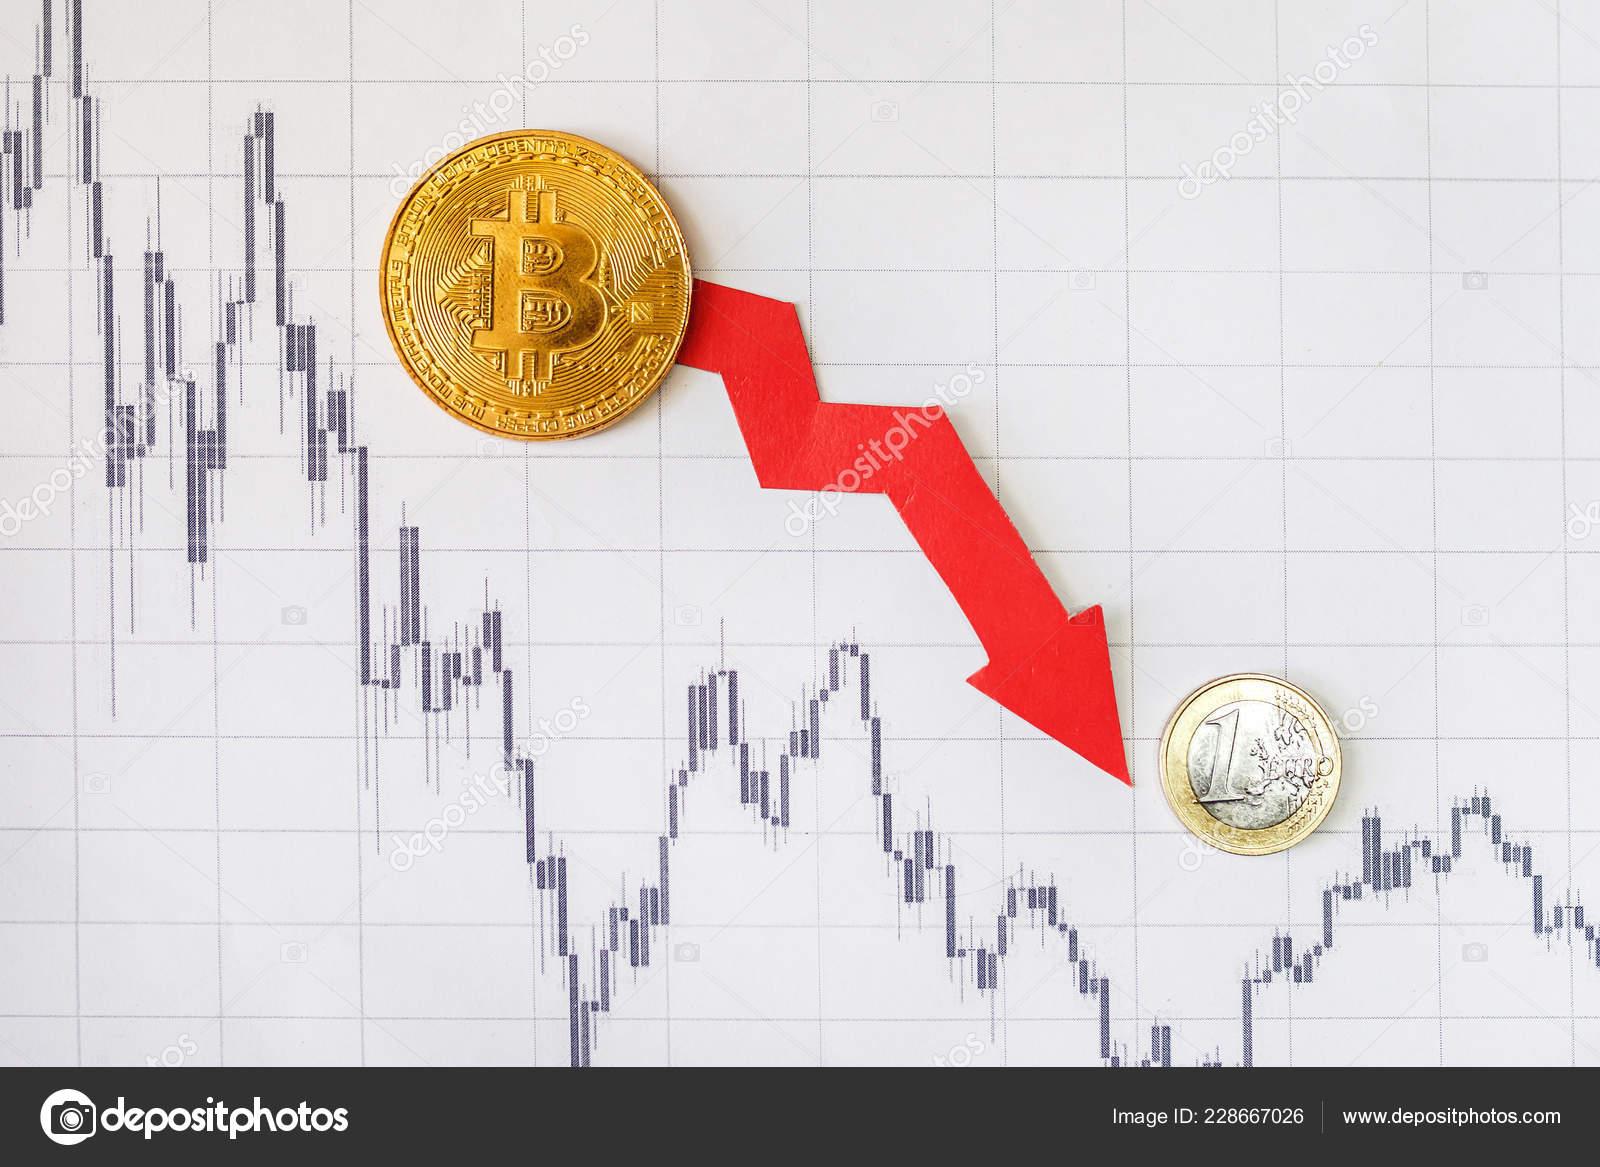 валютная биржа онлайн торги как участвовать